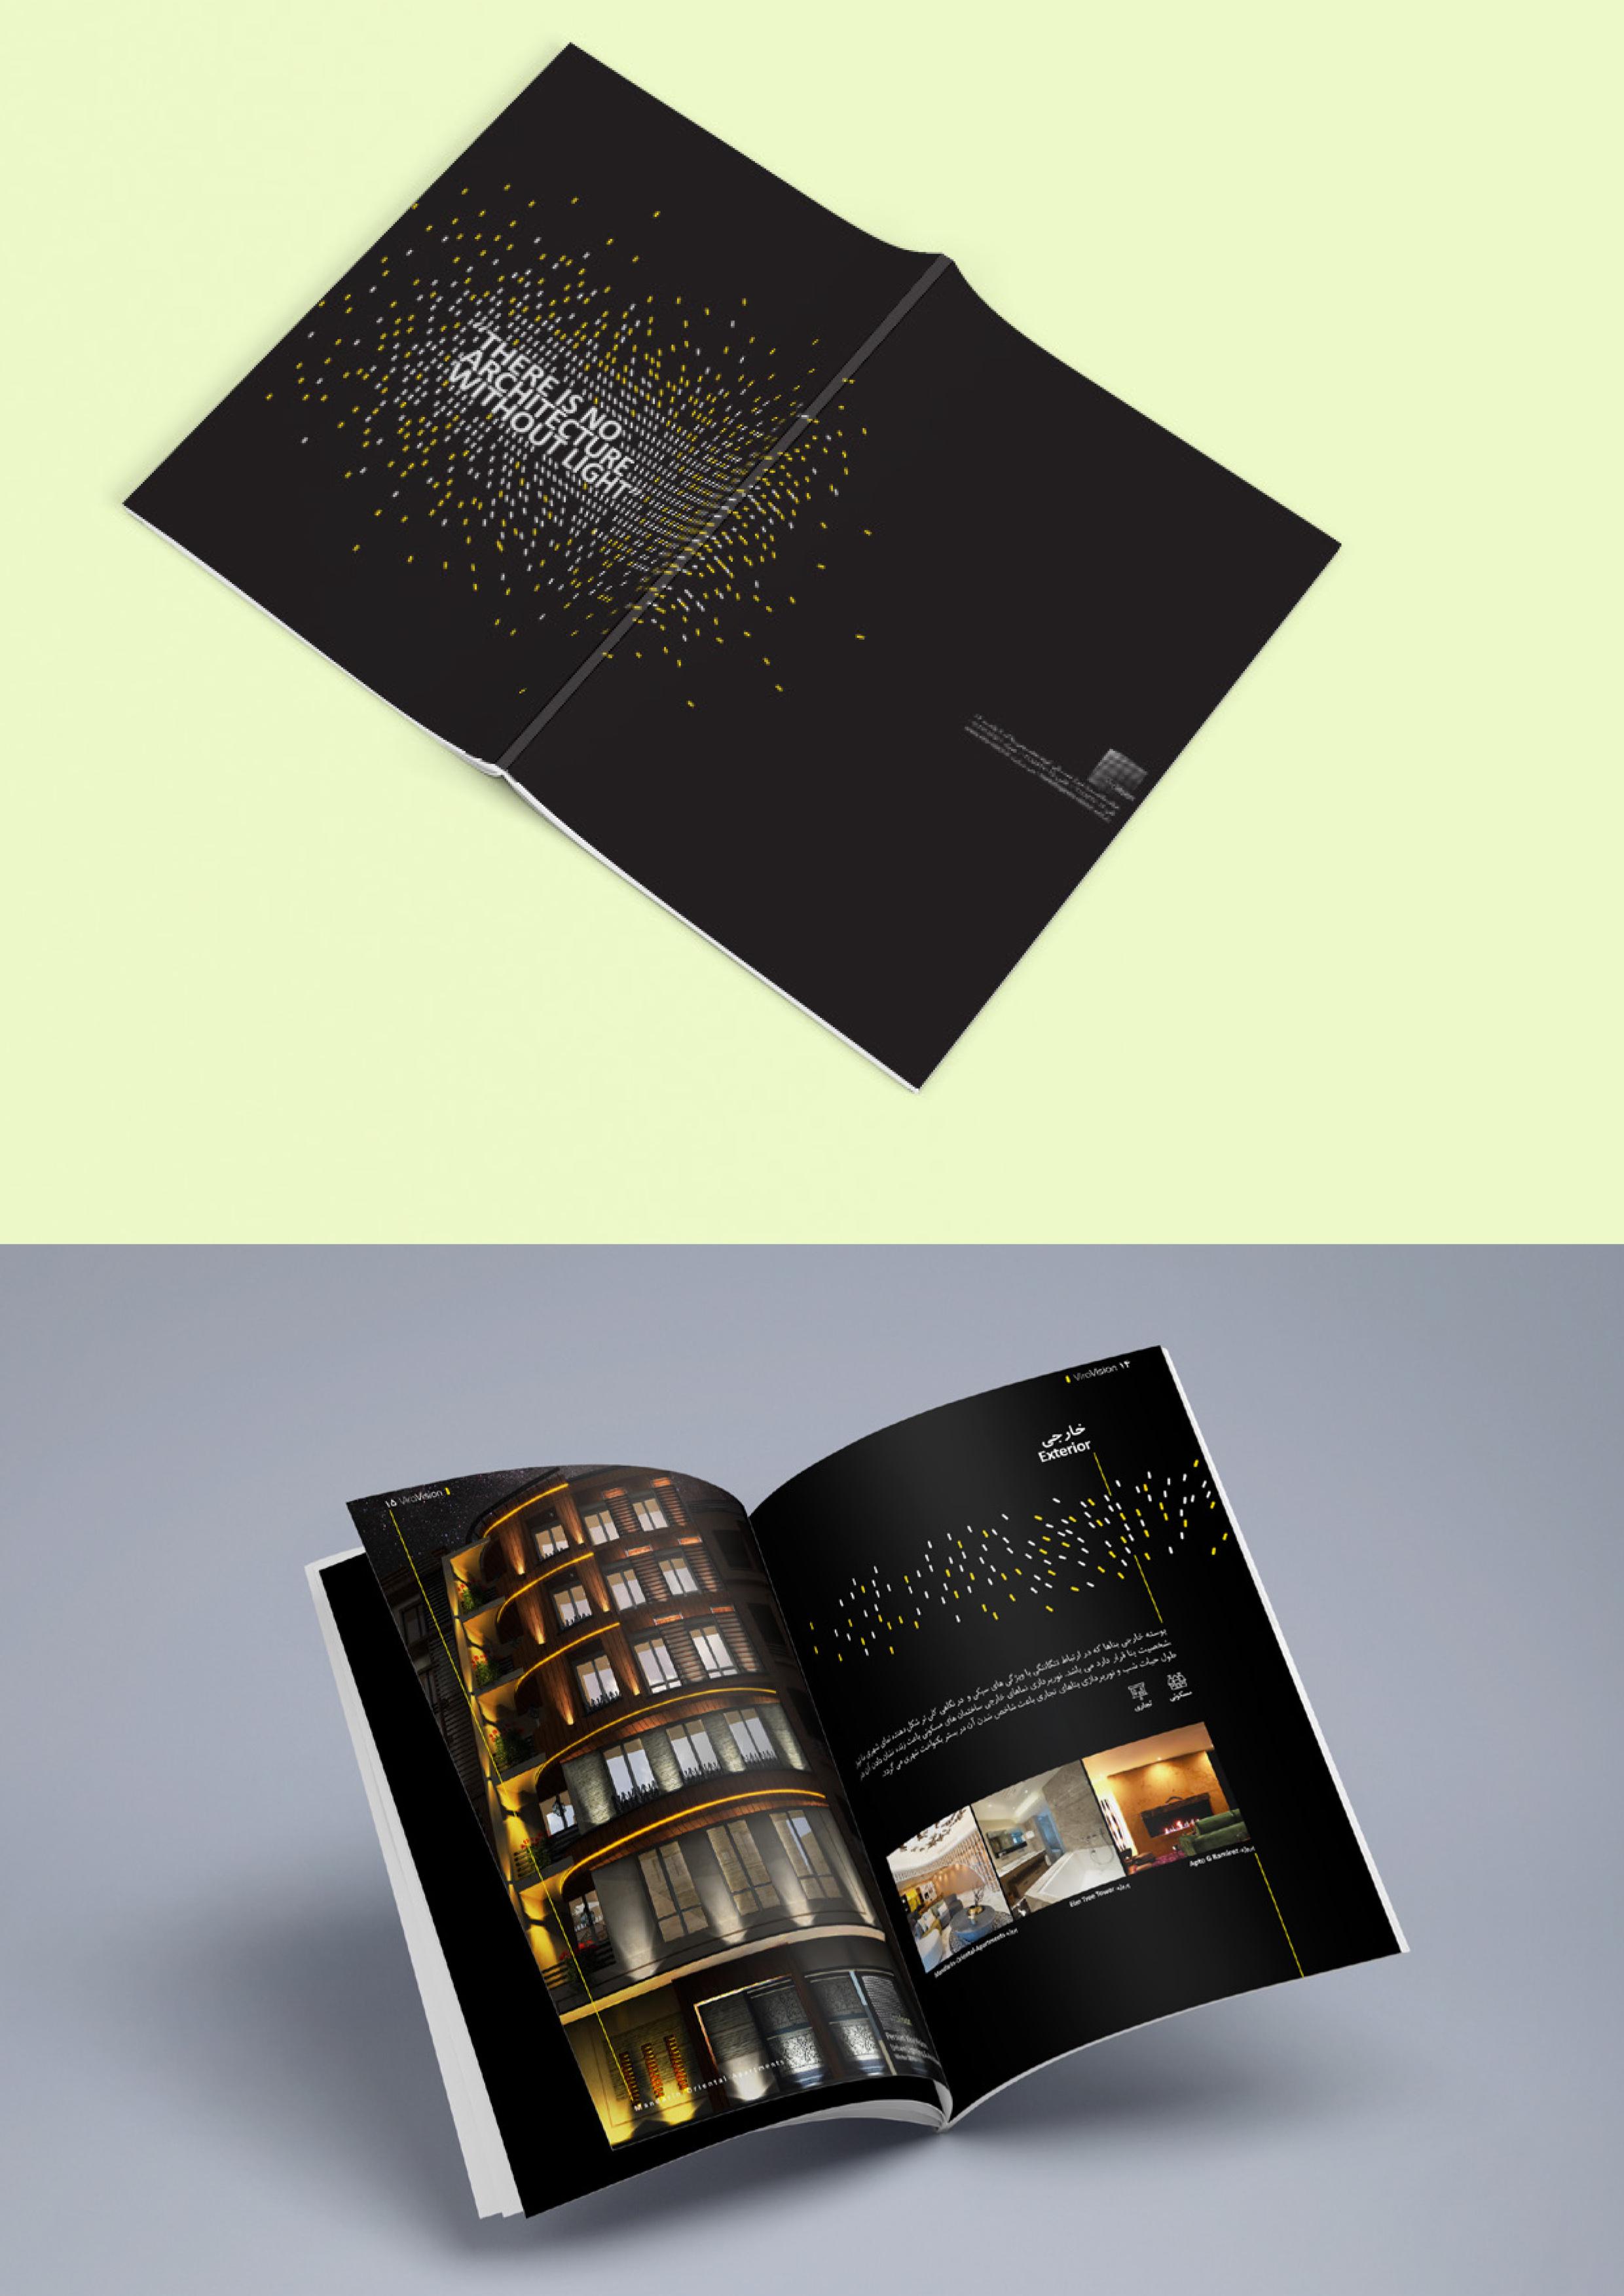 کاتالوگ طراحی نور